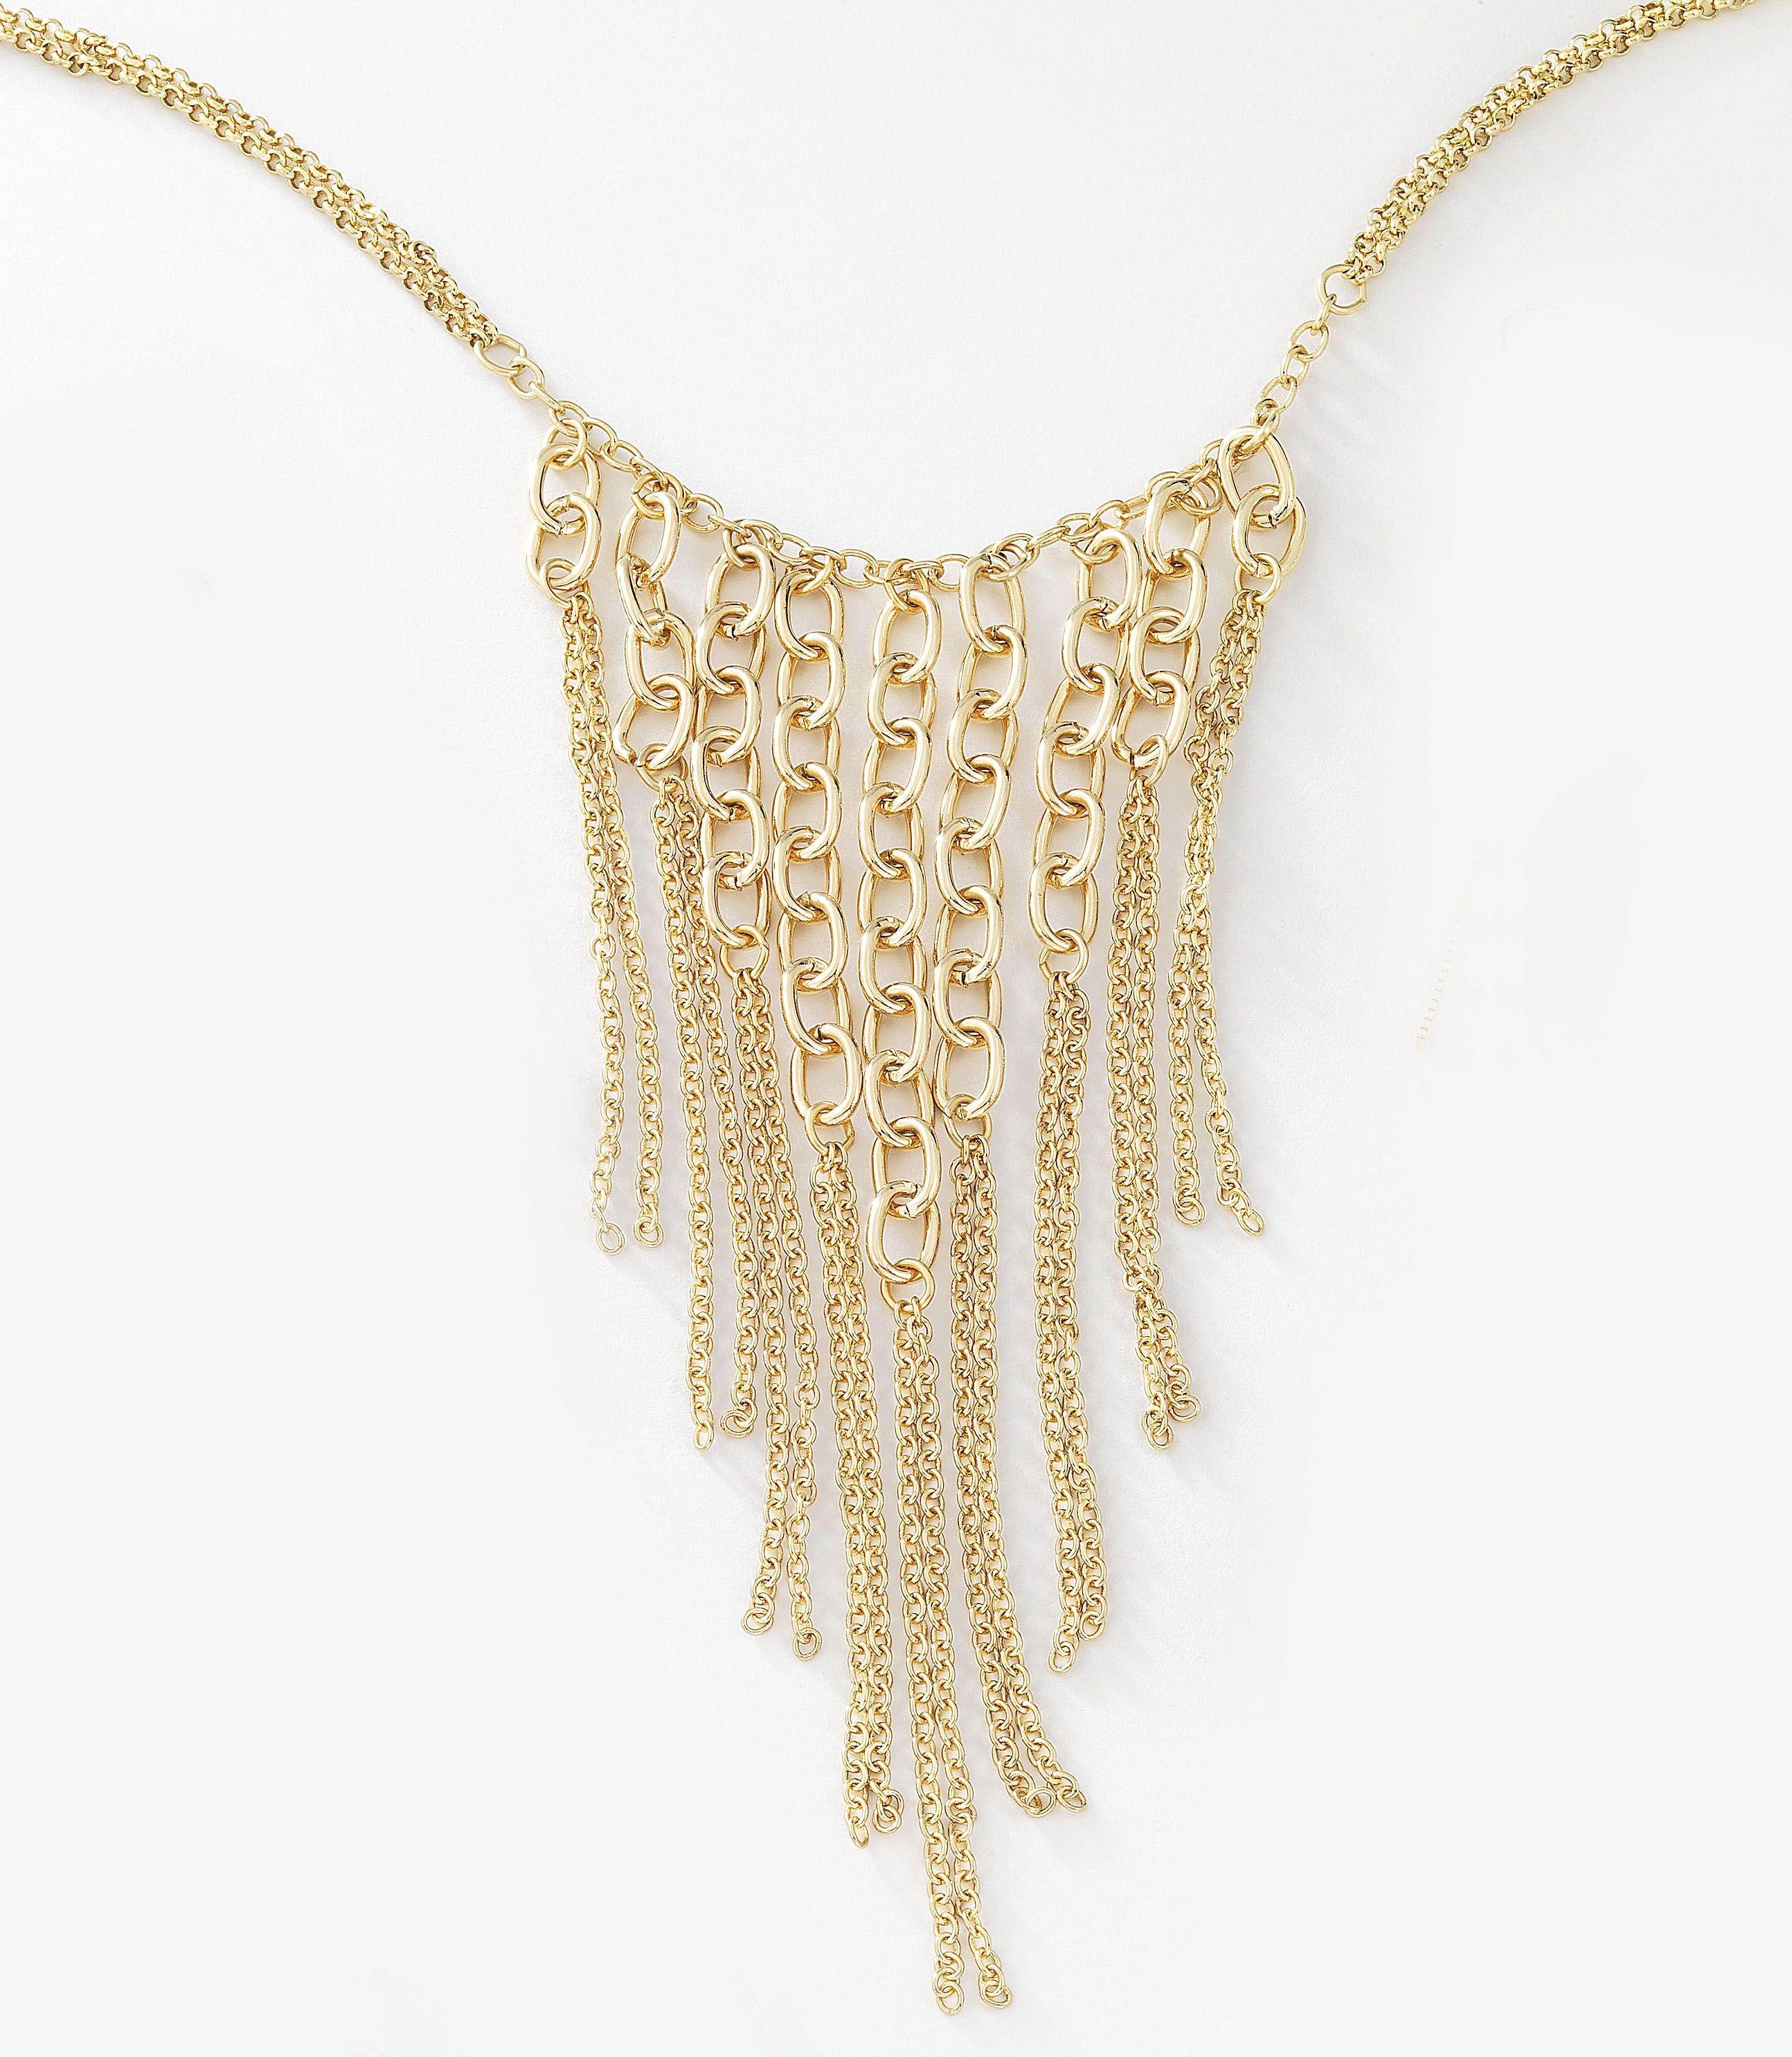 4d5b2e3bd1b9 Vistoso collar con colgante de eslabones grandes y pequeños ...